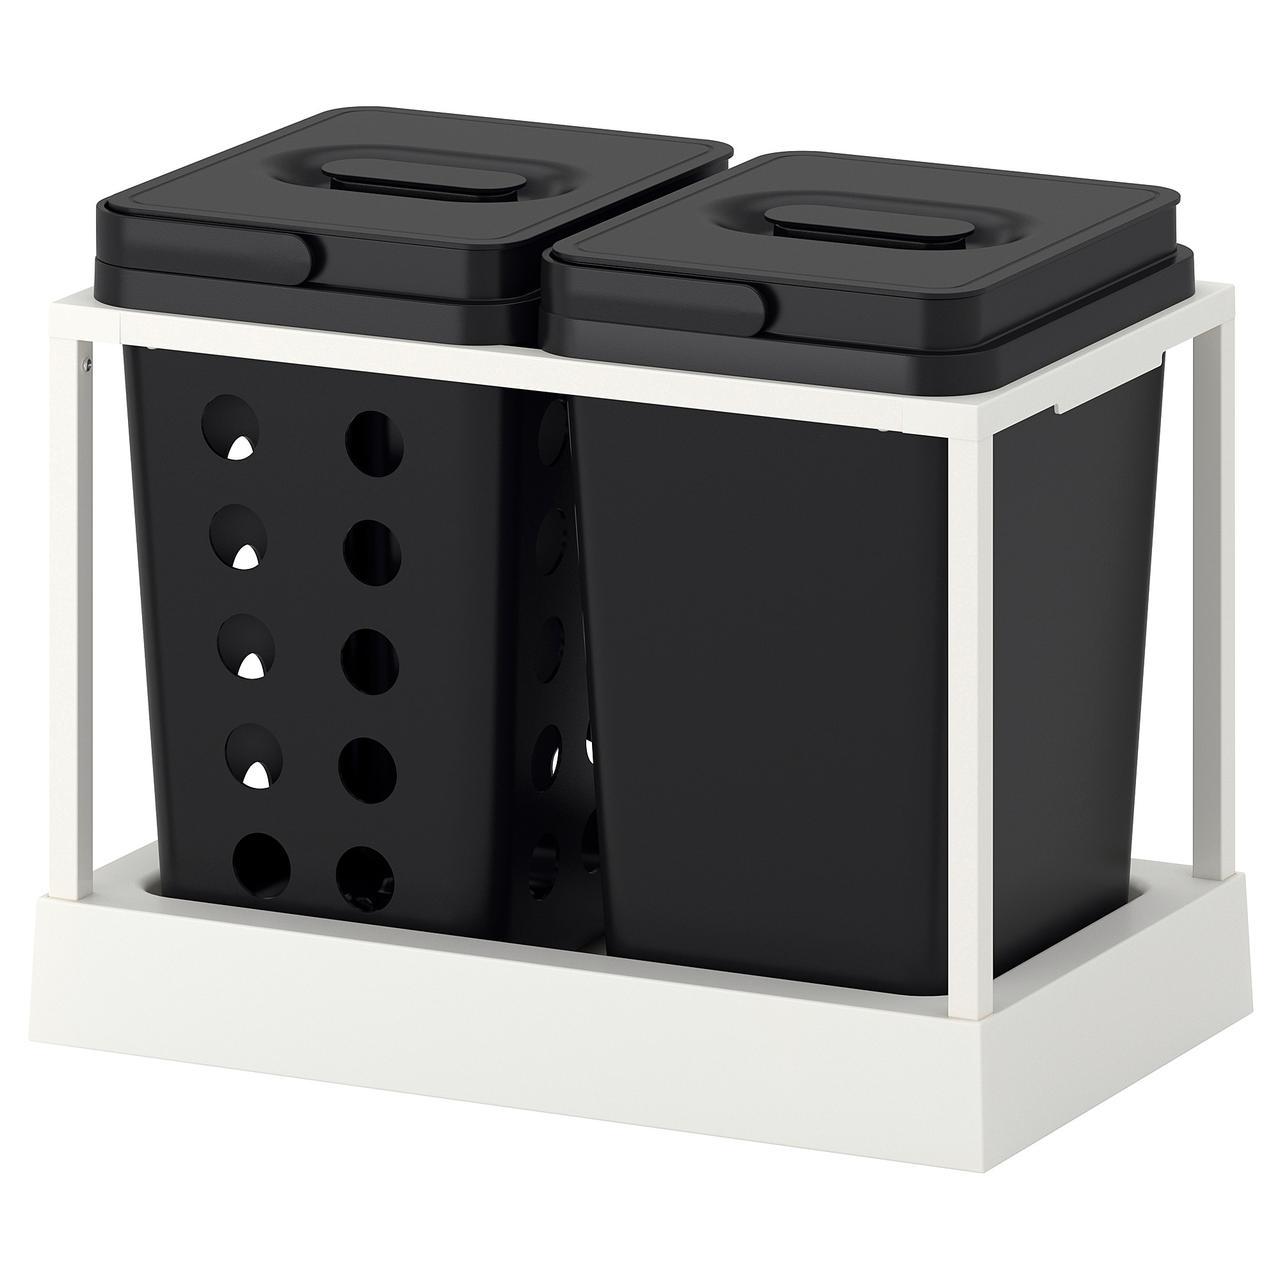 ВАРЬЕРА / УТРУСТА Мусорные контейнеры для шкафа